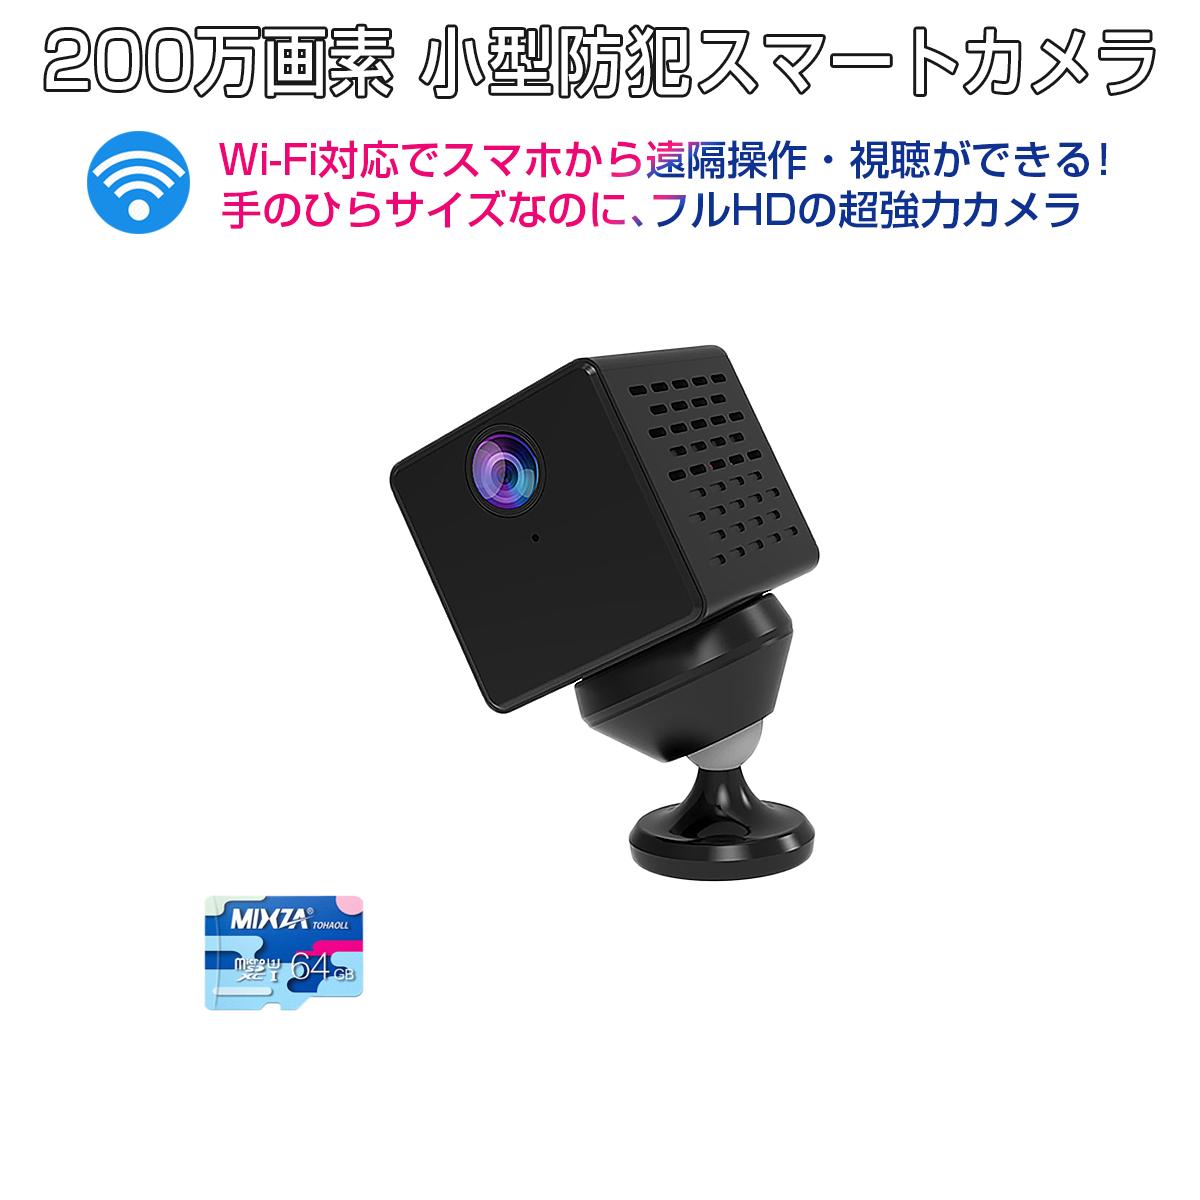 小型 防犯カメラ C90S VStarcam フルHD 2K 1080P 200万画素 SDカード64GB同梱モデル 高画質 wifi 無線 ワイヤレス MicroSDカード録画 録音 ネット環境なくても電源繋ぐだけ 遠隔監視 防犯 証拠 泥棒 浮気 横領 DV 恐喝 現場 IP カメラ 宅配便送料無料 6ヶ月保証 K&M